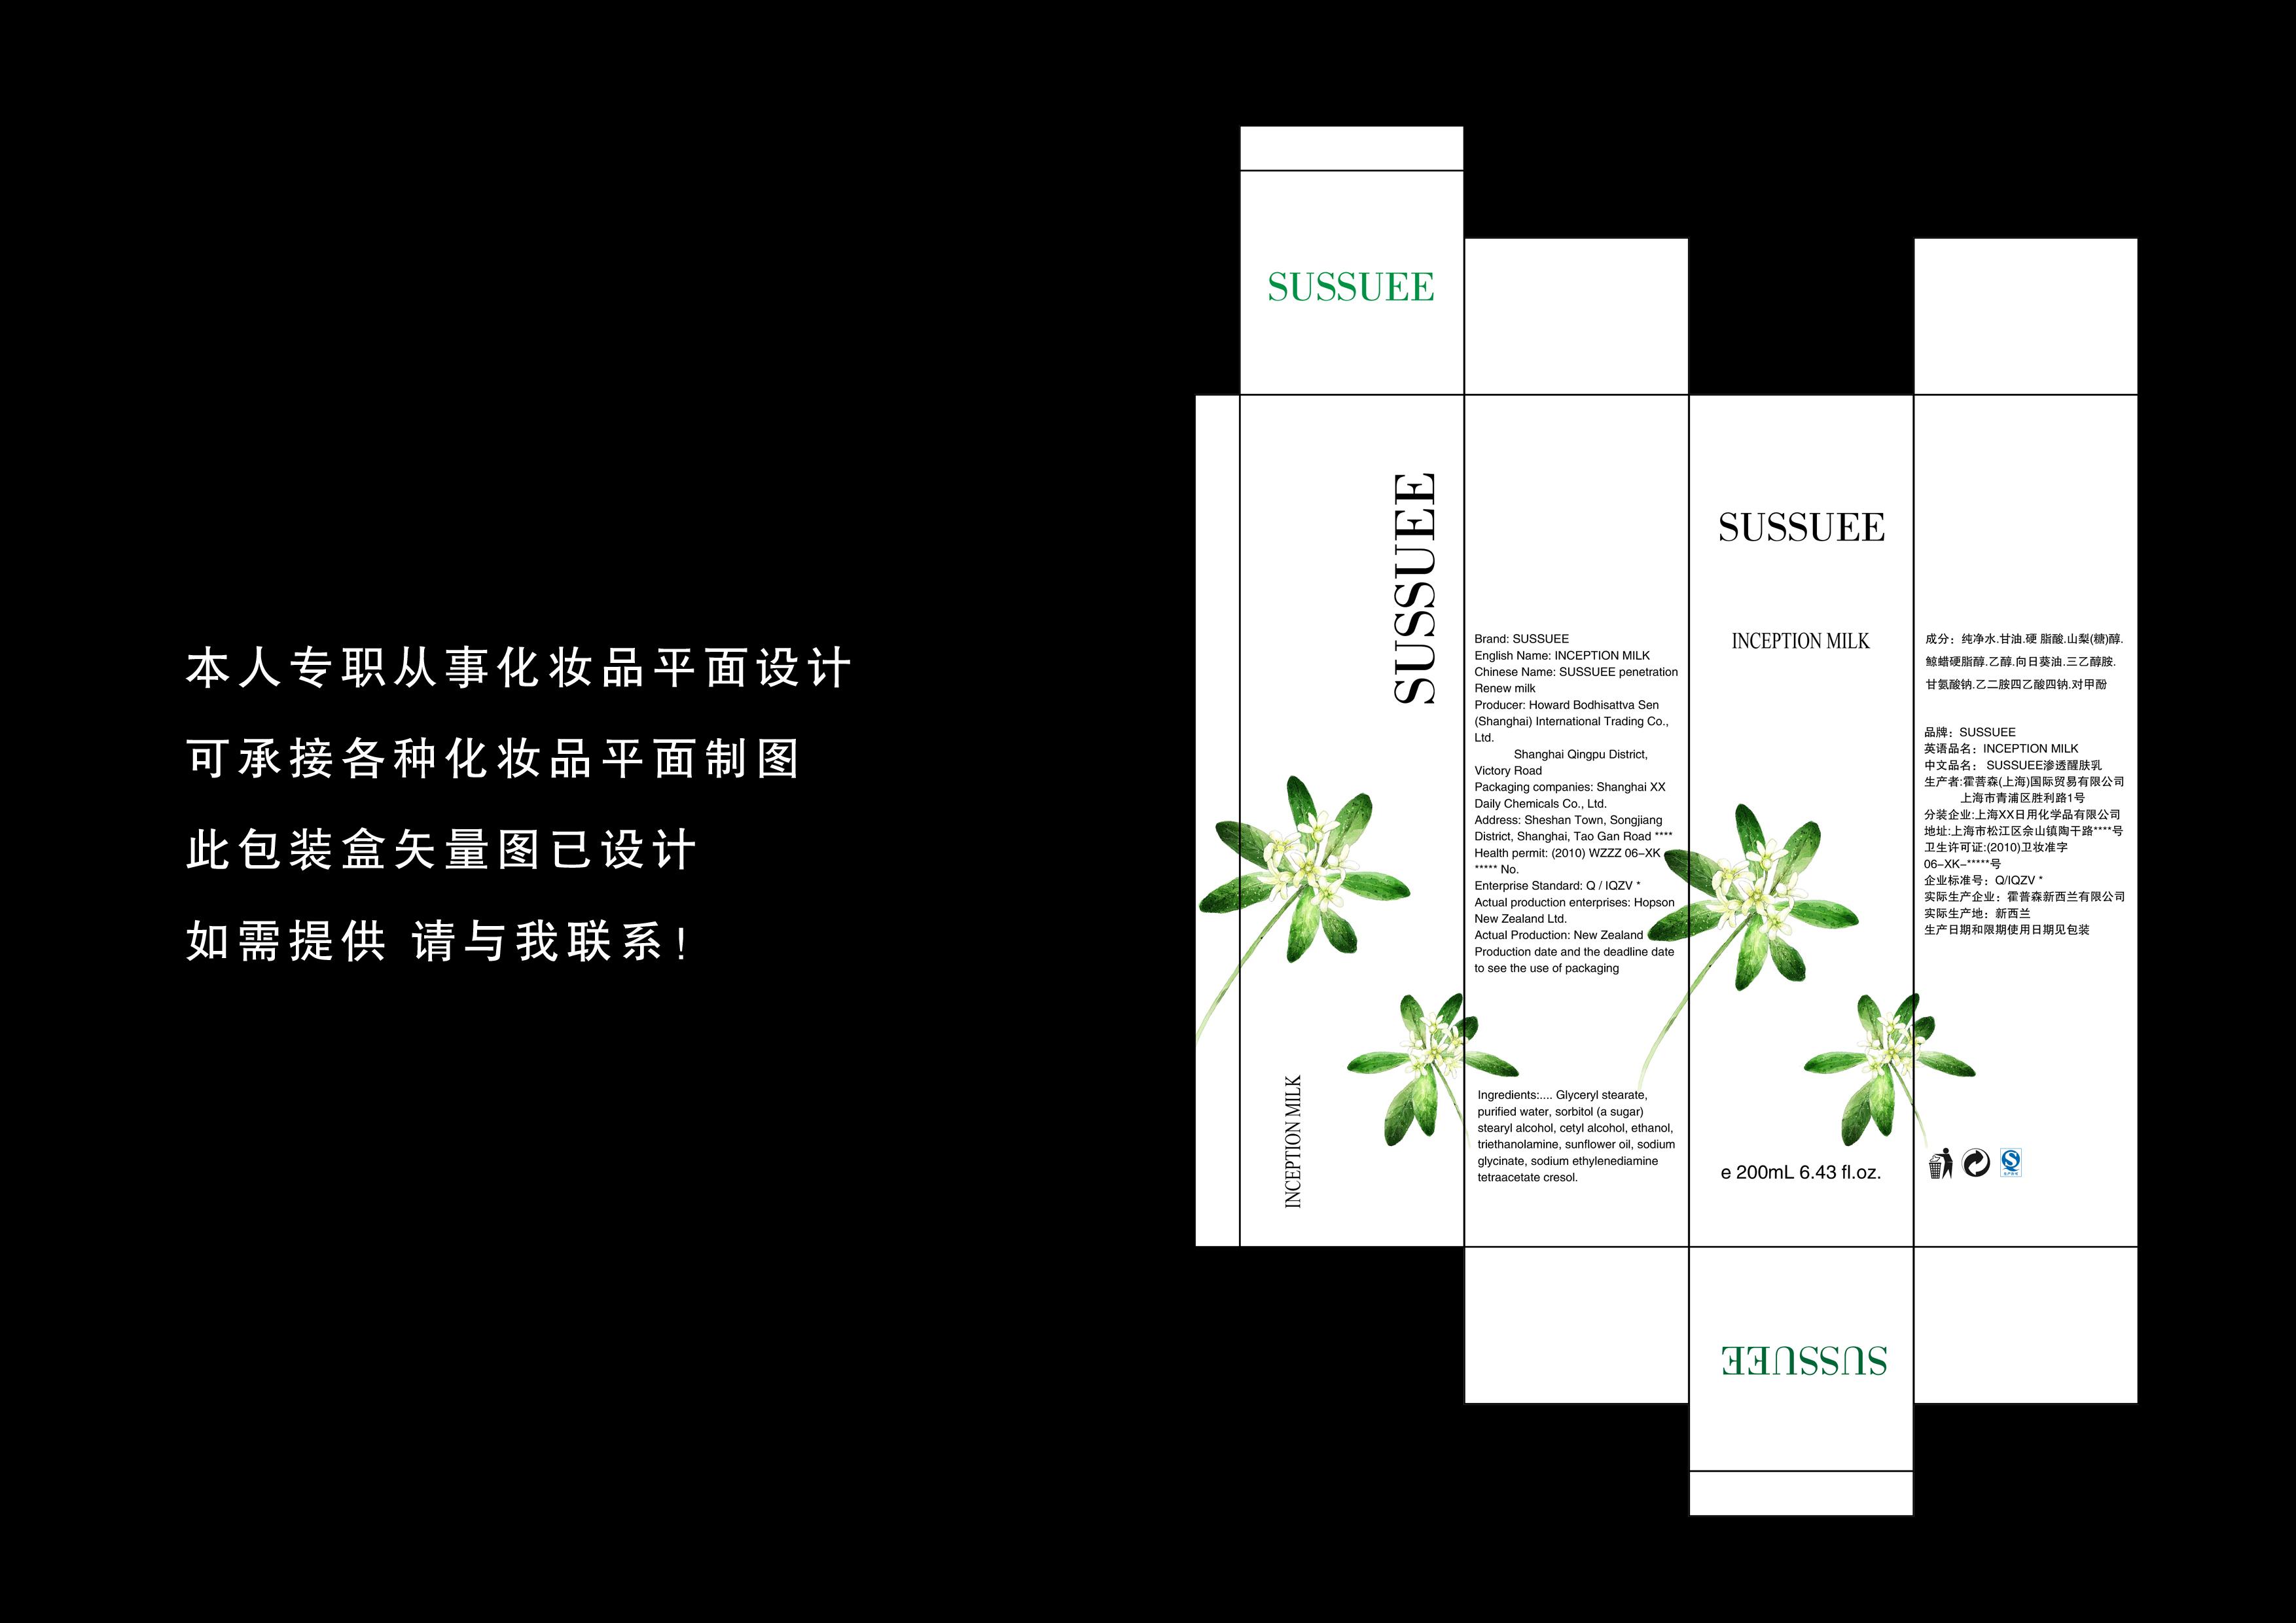 产品包装是一款乳液的瓶子和外包装纸盒,pe塑料材质,原产地为新西兰,品名某某渗透醒肤乳,希望包装外观设计突出新西兰原生态,无污染的理念,简洁高雅,有国际大牌范儿(可参照附件中茱莉蔻的理念)。 参考文字: 品牌标志:示意即可 品牌:SUSSUEE 英语品名:INCEPTION MILK   中文品名: SUSSUEE渗透醒肤乳 生产者:霍菩森(上海)国际贸易有限公司 上海市青浦区胜利路1号 分装企业:上海**日用化学品有限公司 地址:上海市松江区佘山镇陶干路****号 卫生许可证:(2010)卫妆准字